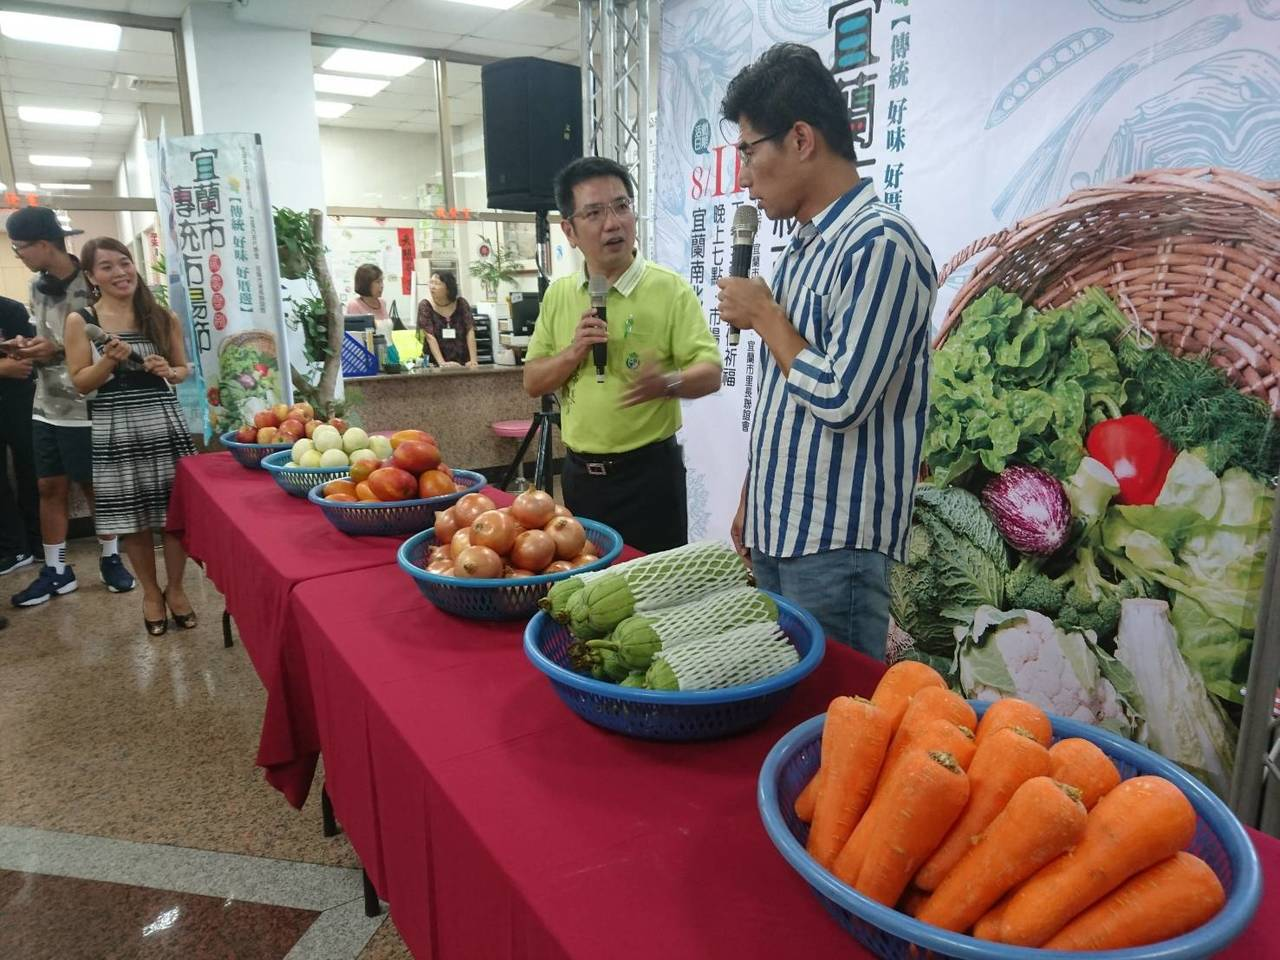 宜蘭市長江聰淵(左)今天主持傳統市場節開賣記者會,與叫賣哥葉昇峻談菜市場文化,他...